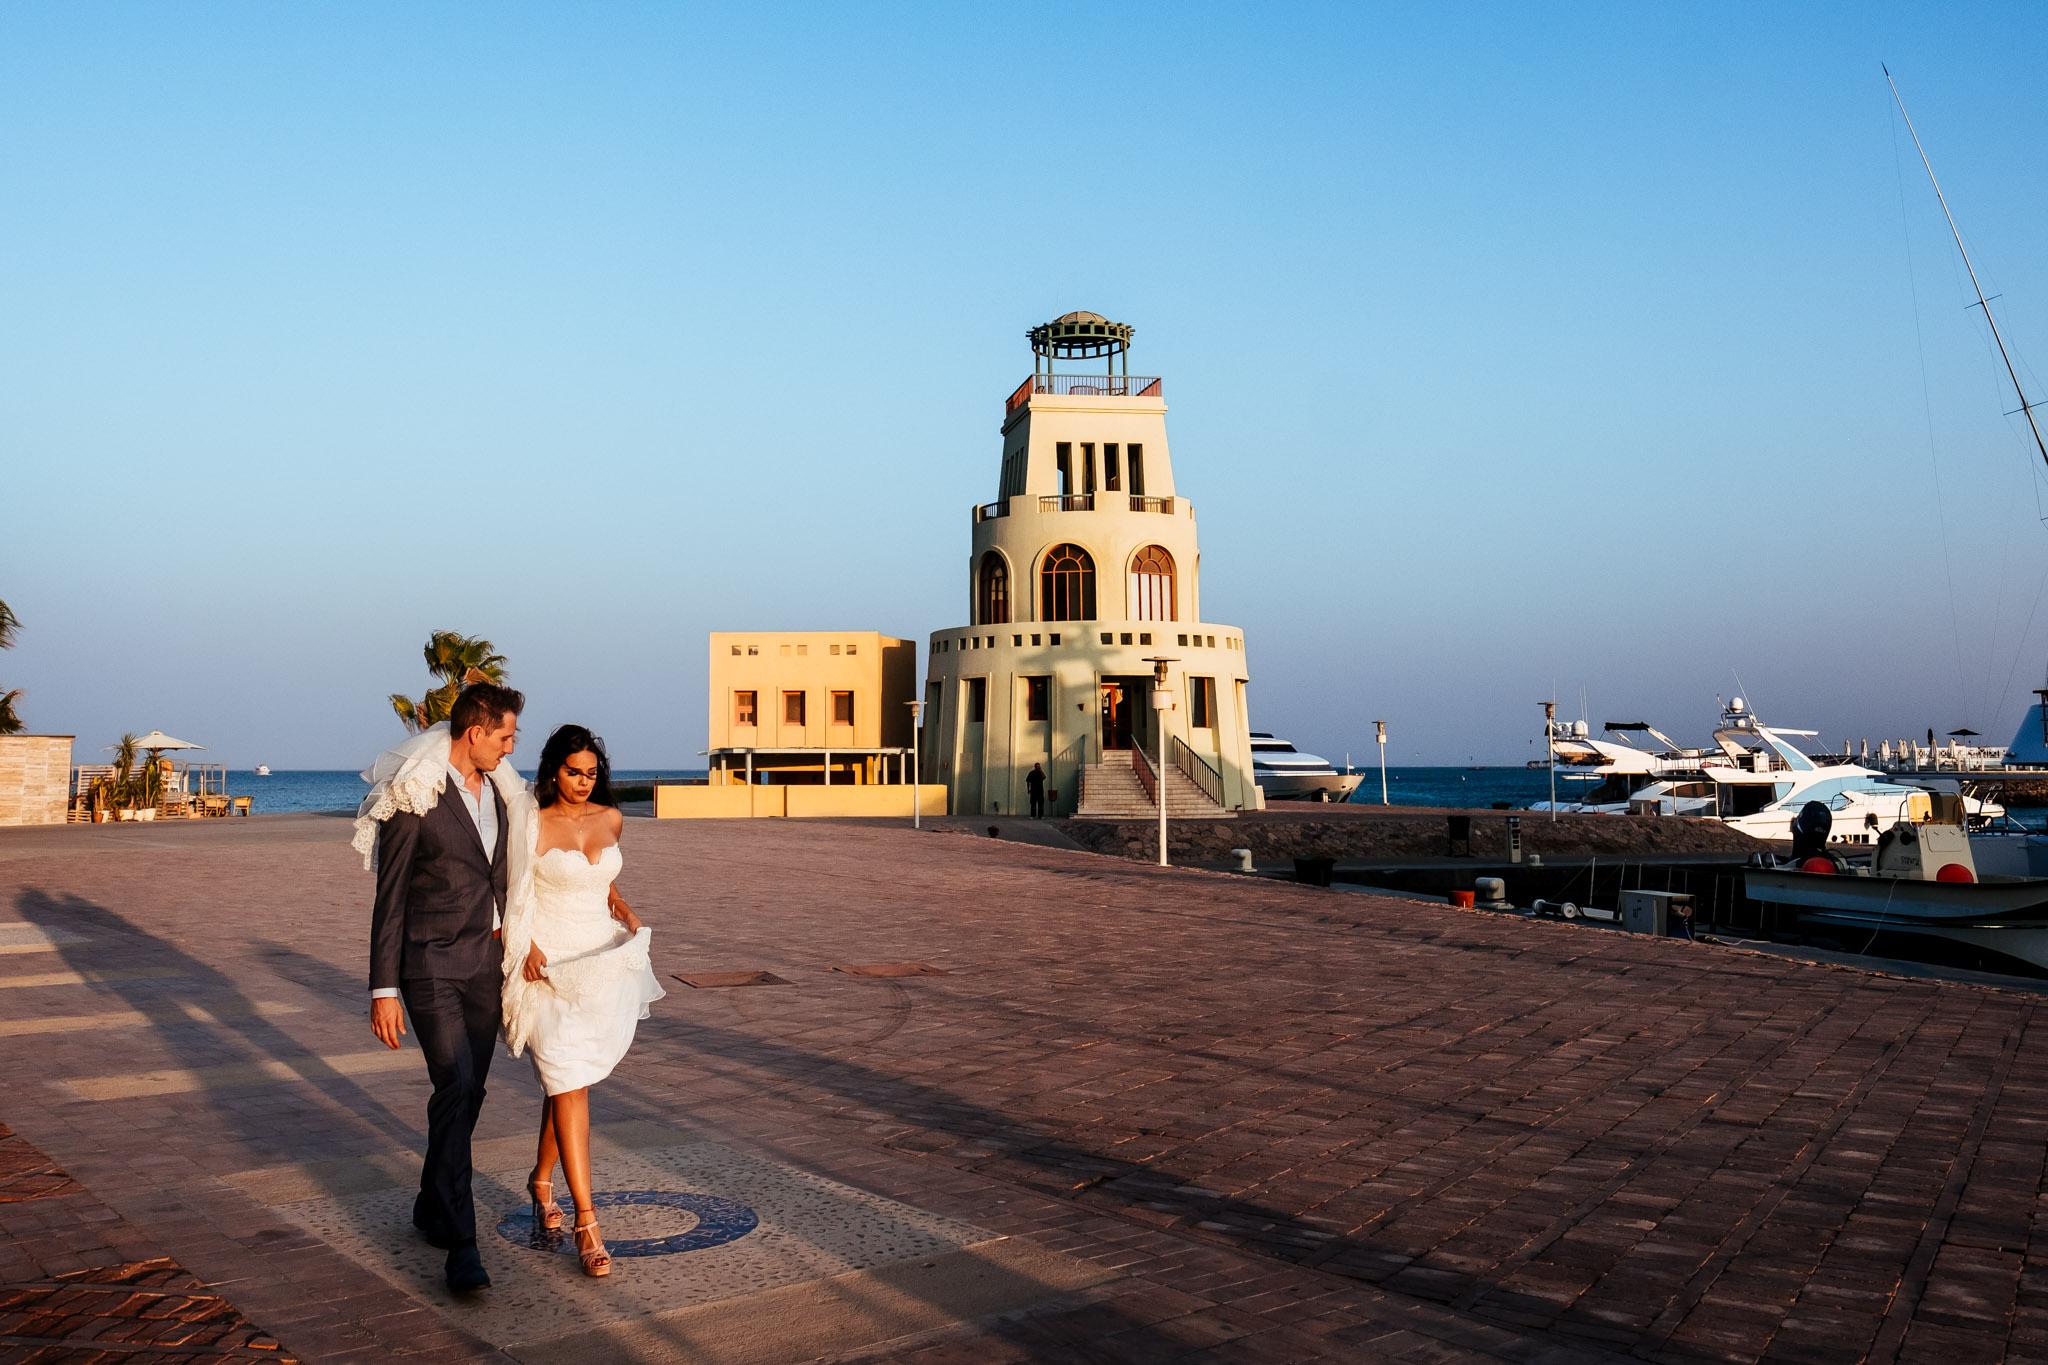 wedding-in-egitto-59.jpg